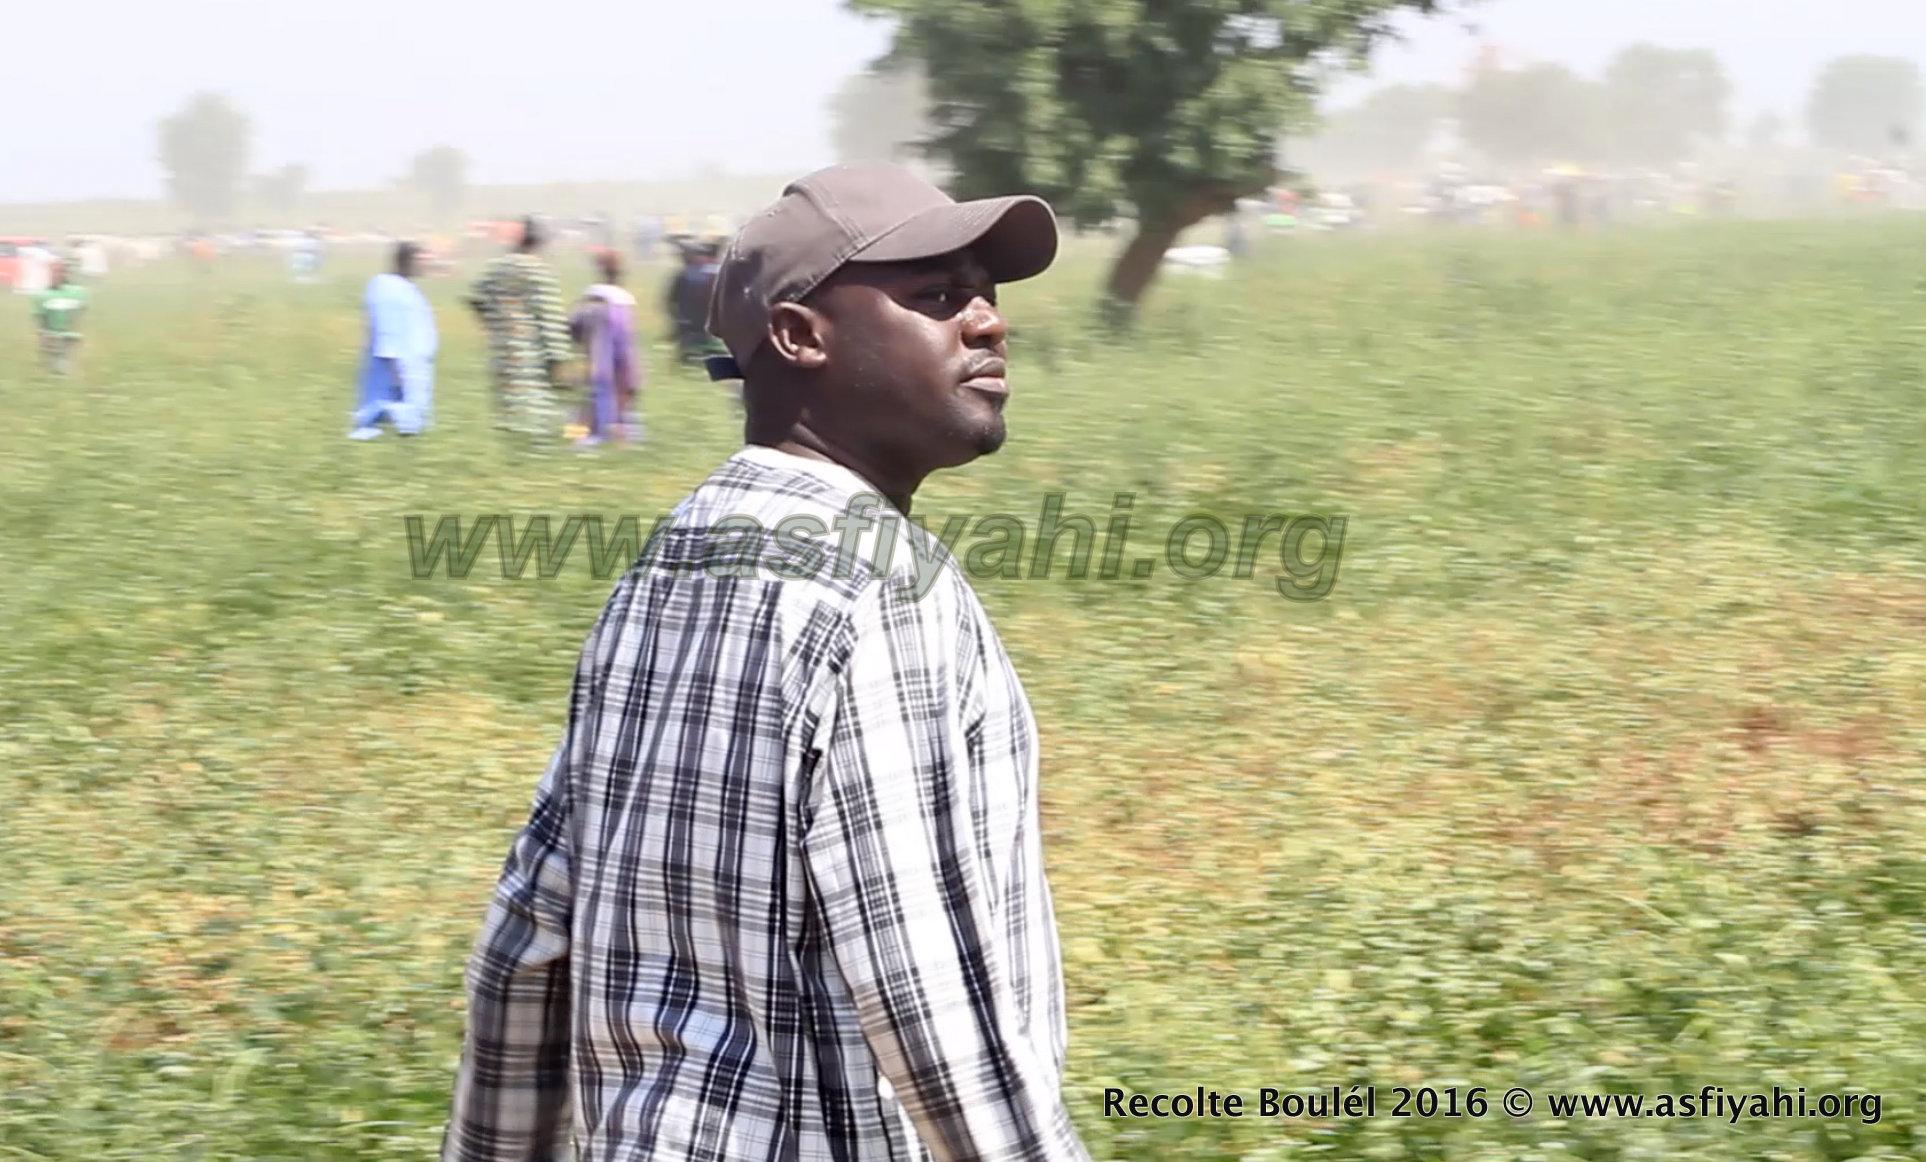 PHOTOS - Regardez les Images de la Récolte des Champs de Boulél (Kaffrine), cultivés par Serigne Abdoul Aziz SY Al Amine